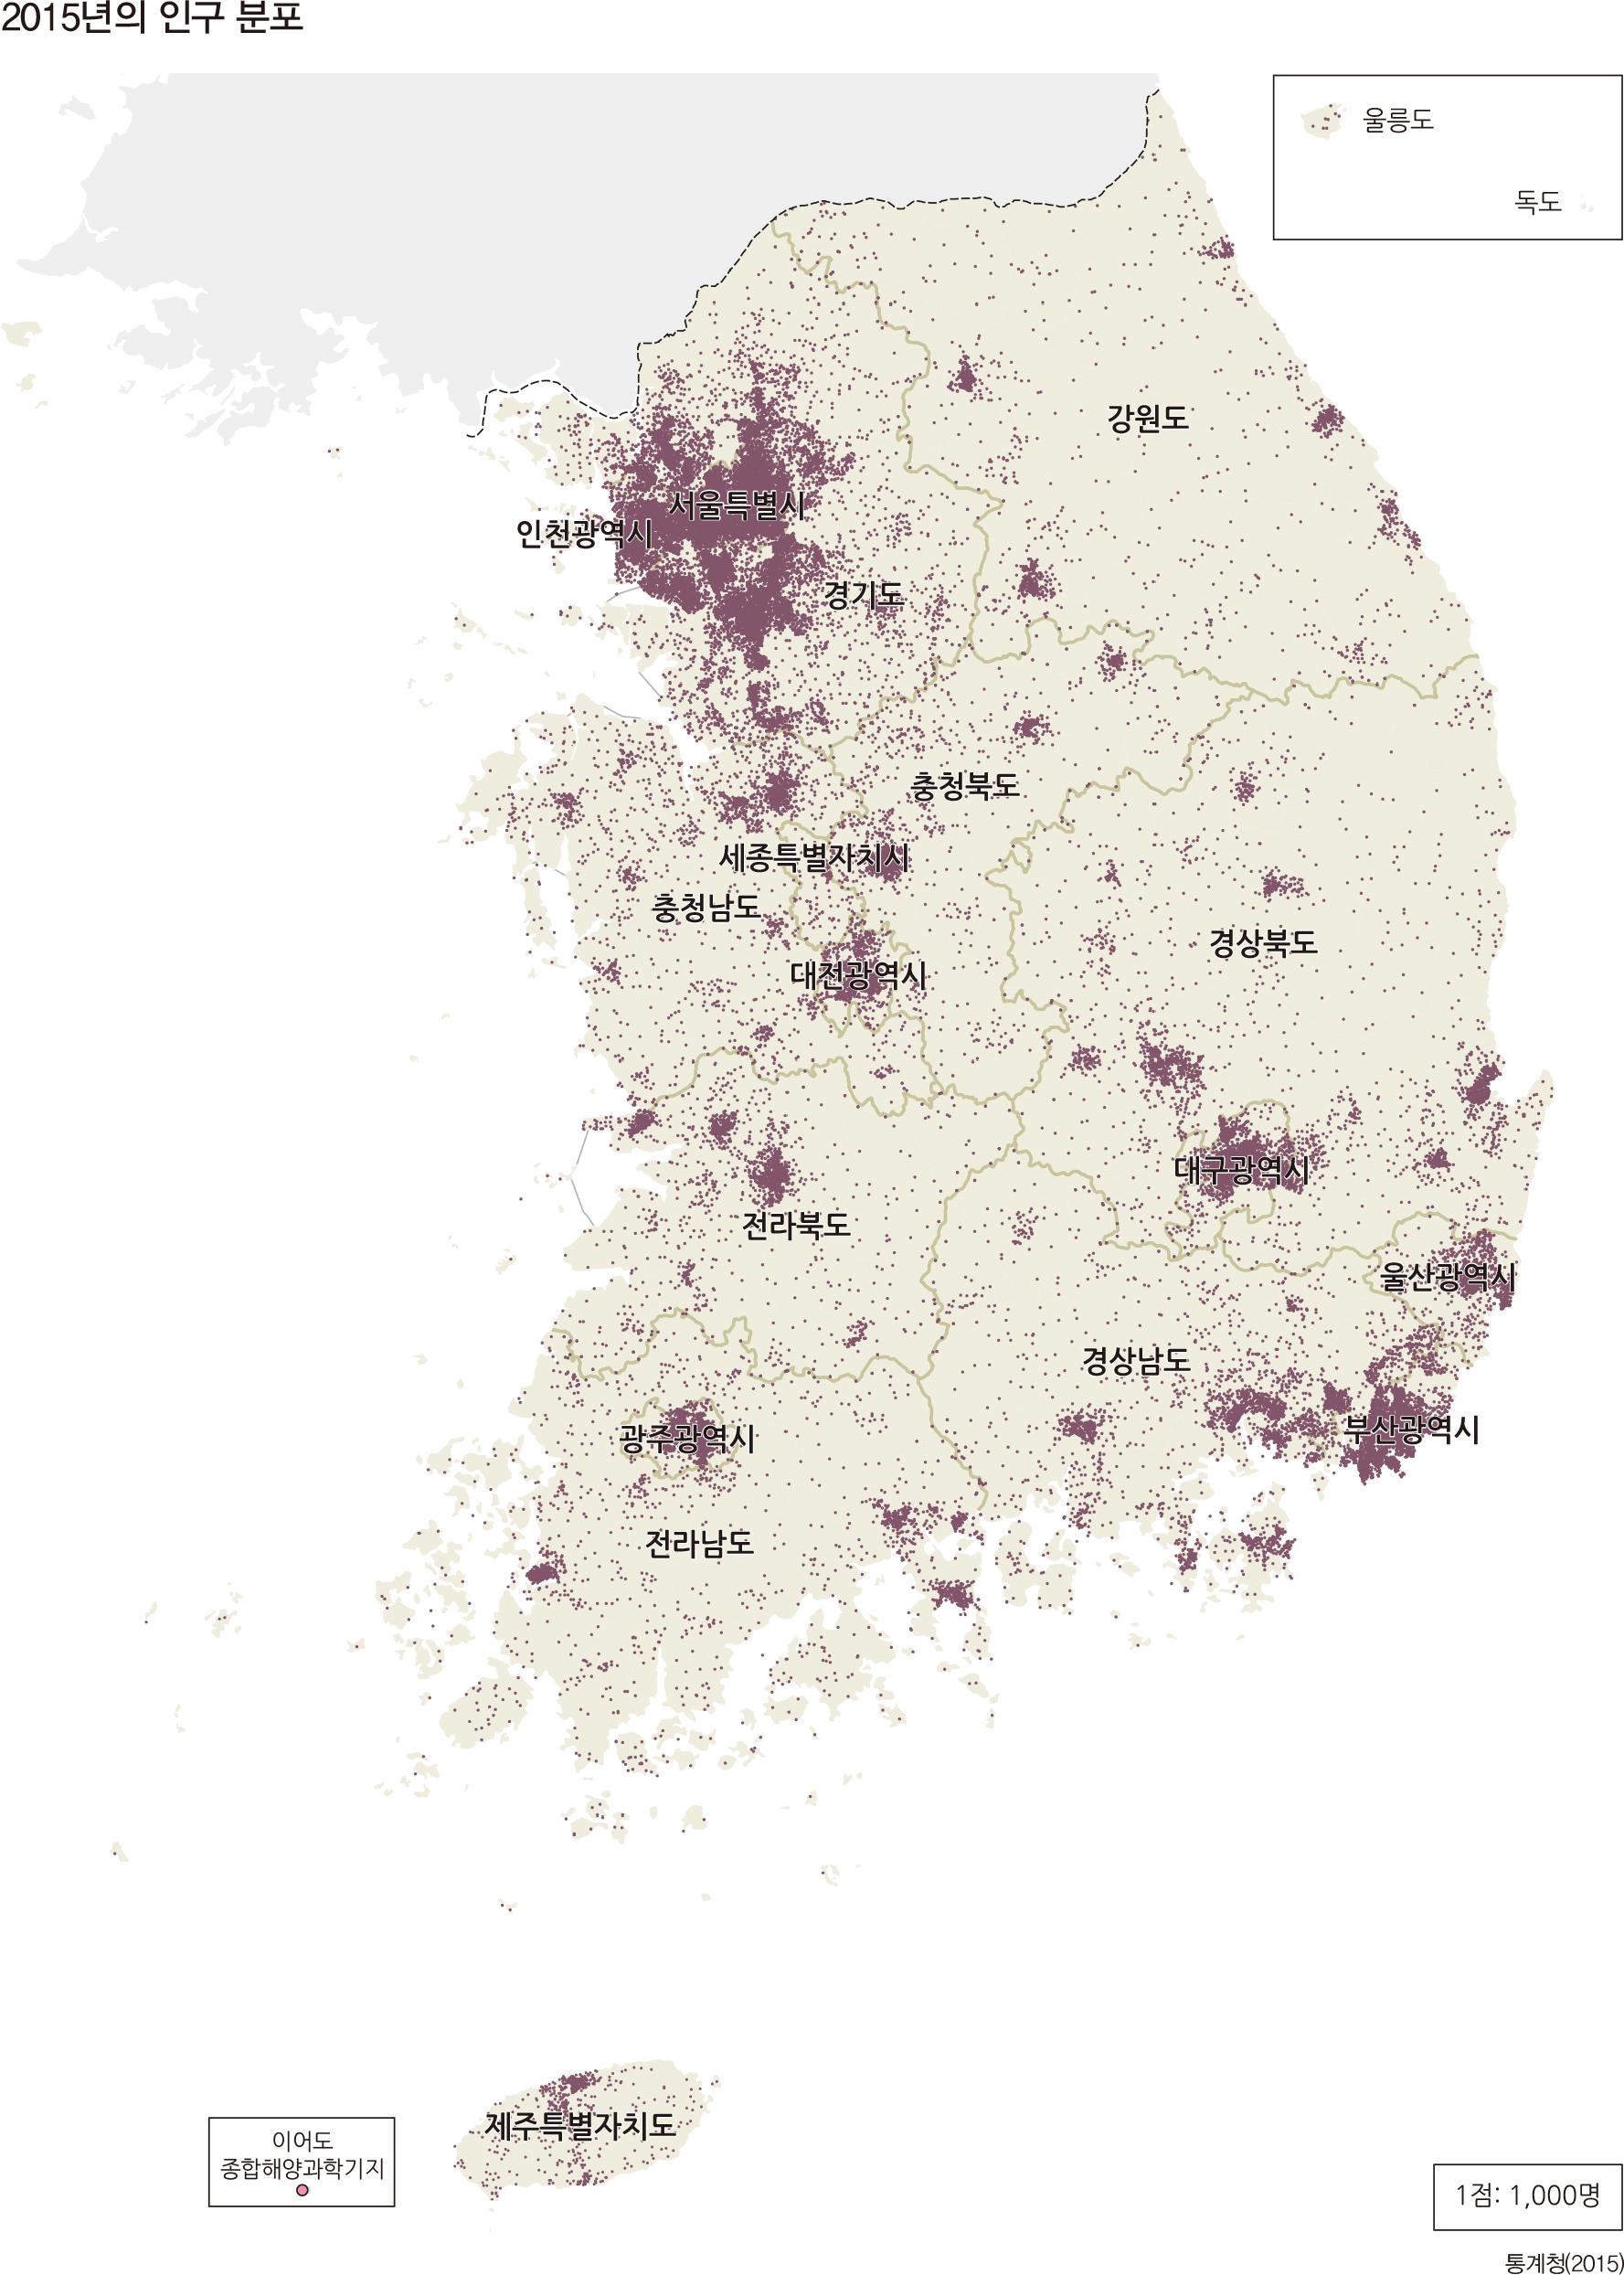 2015년의 인구 분포